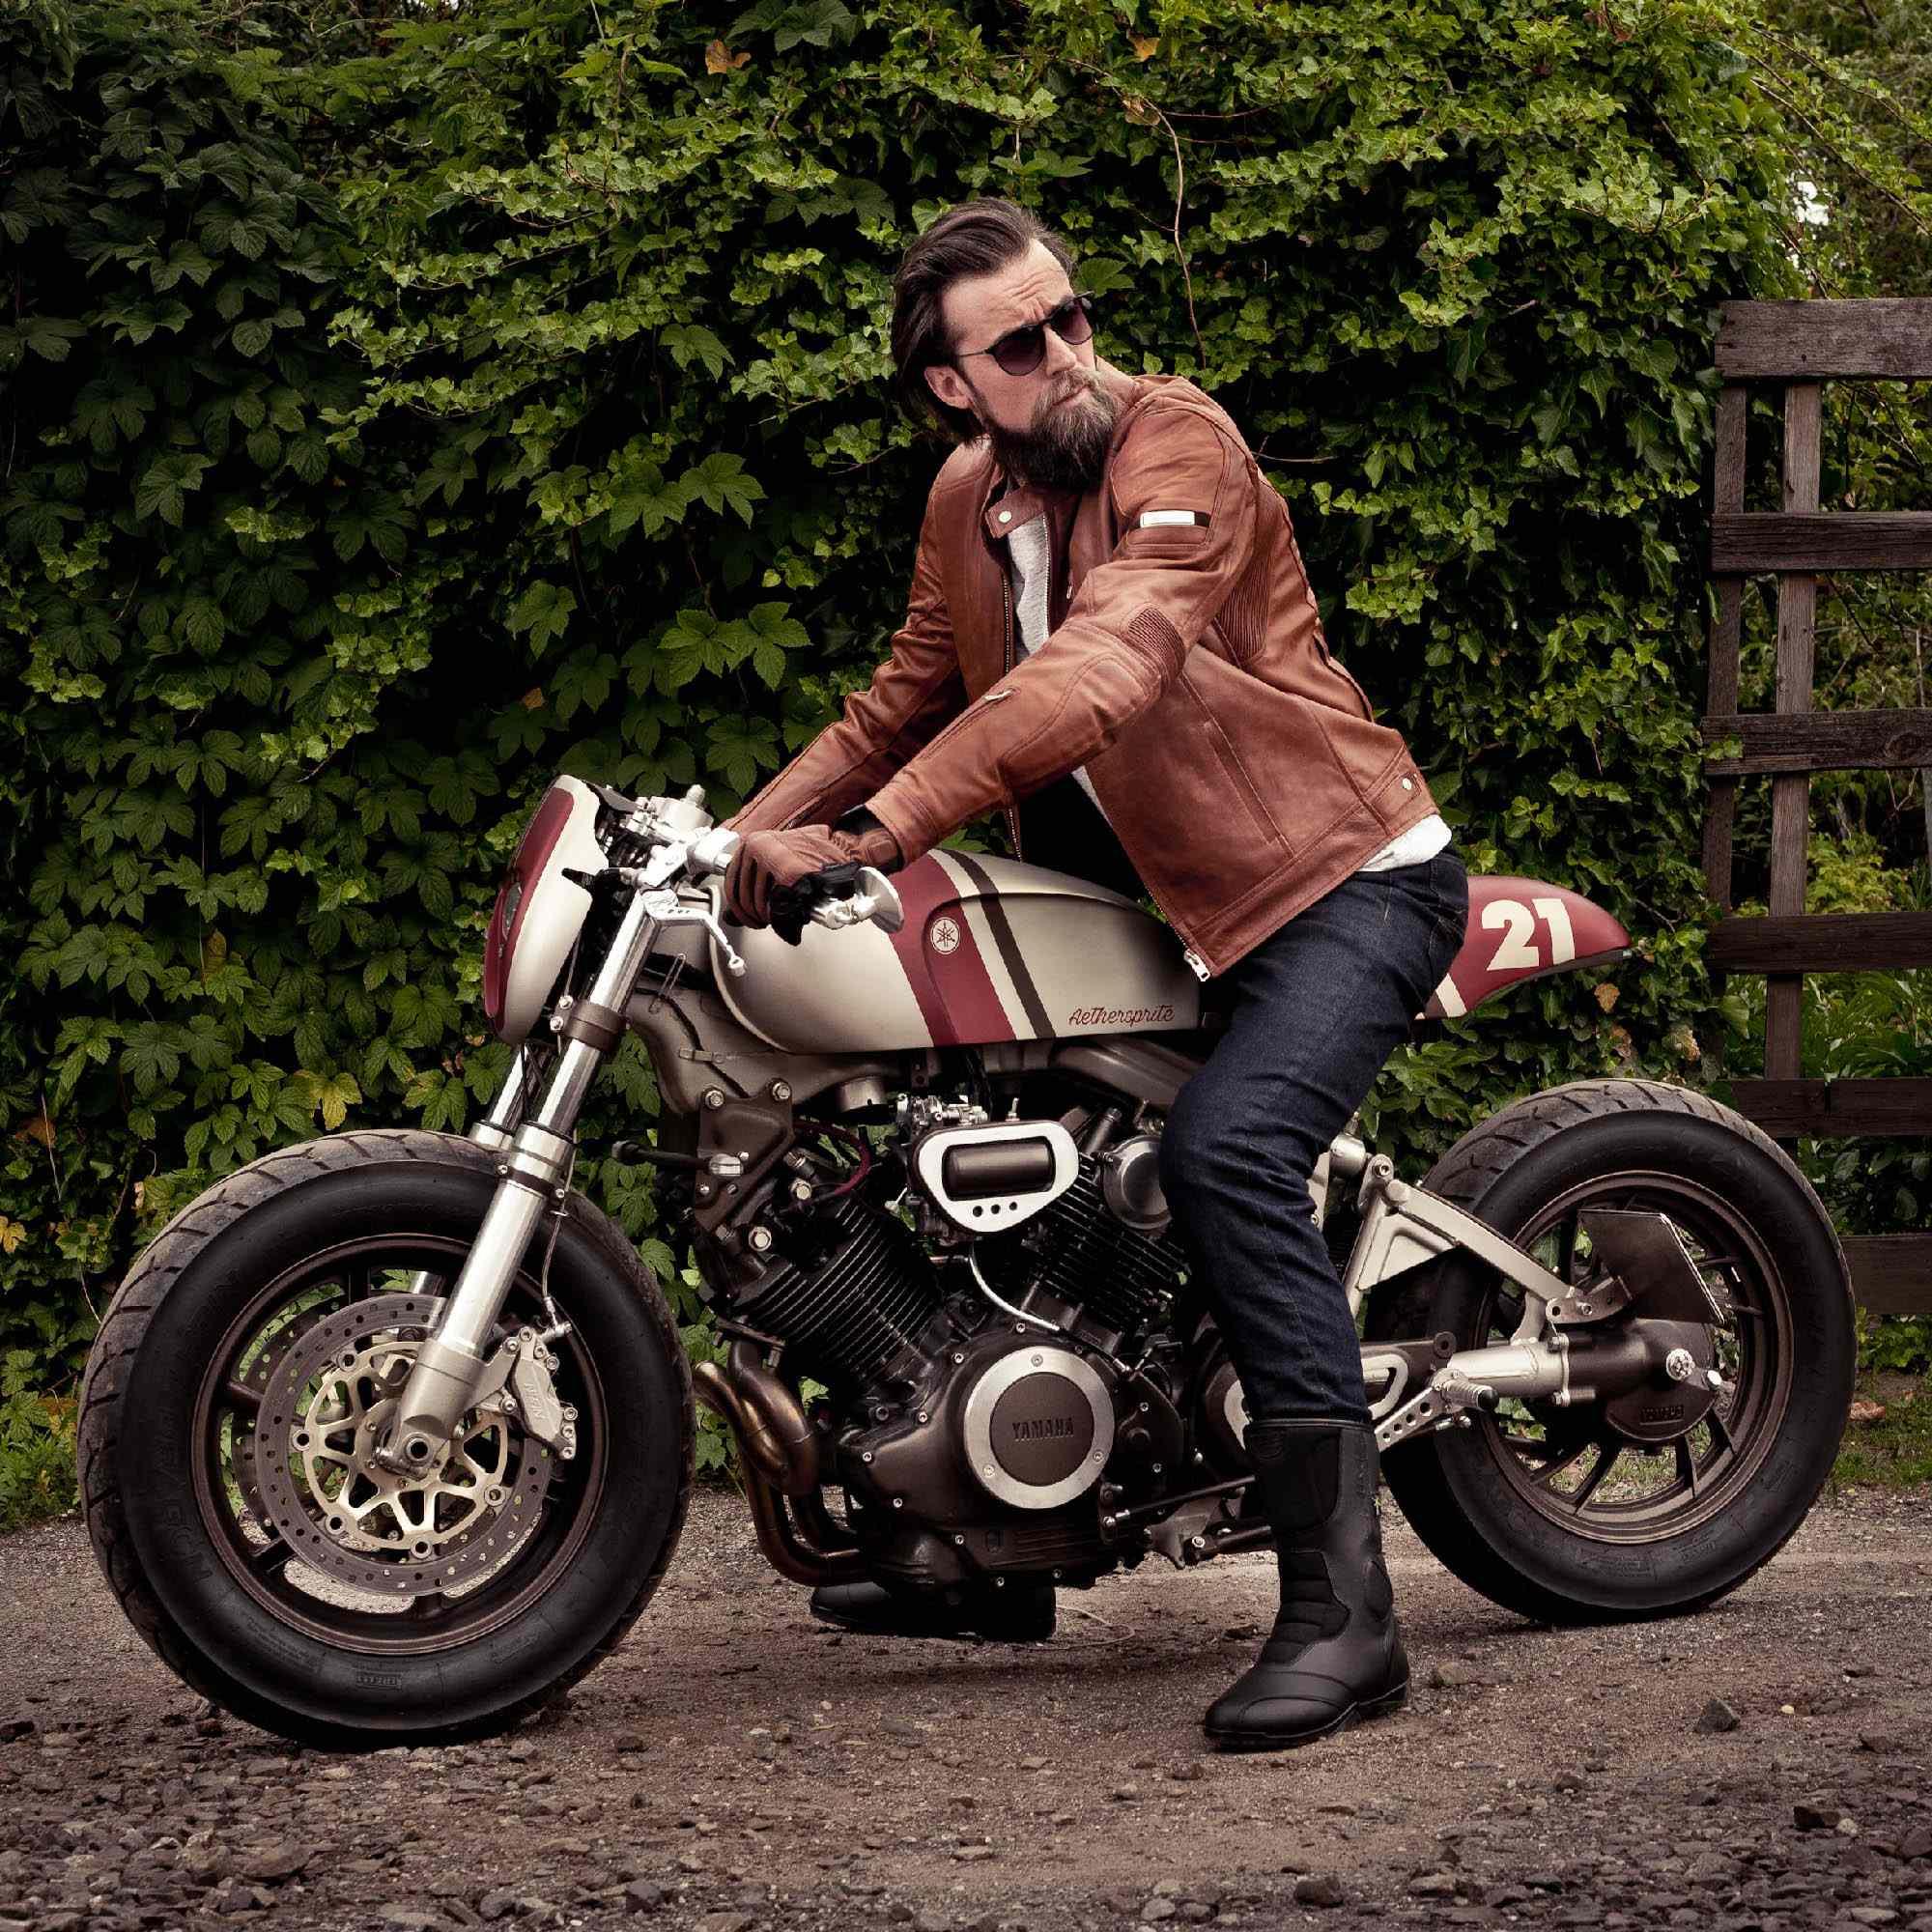 SHIMA REVOLVER мотоциклетные перчатки из кожи, вид на байке купить по низкой цене